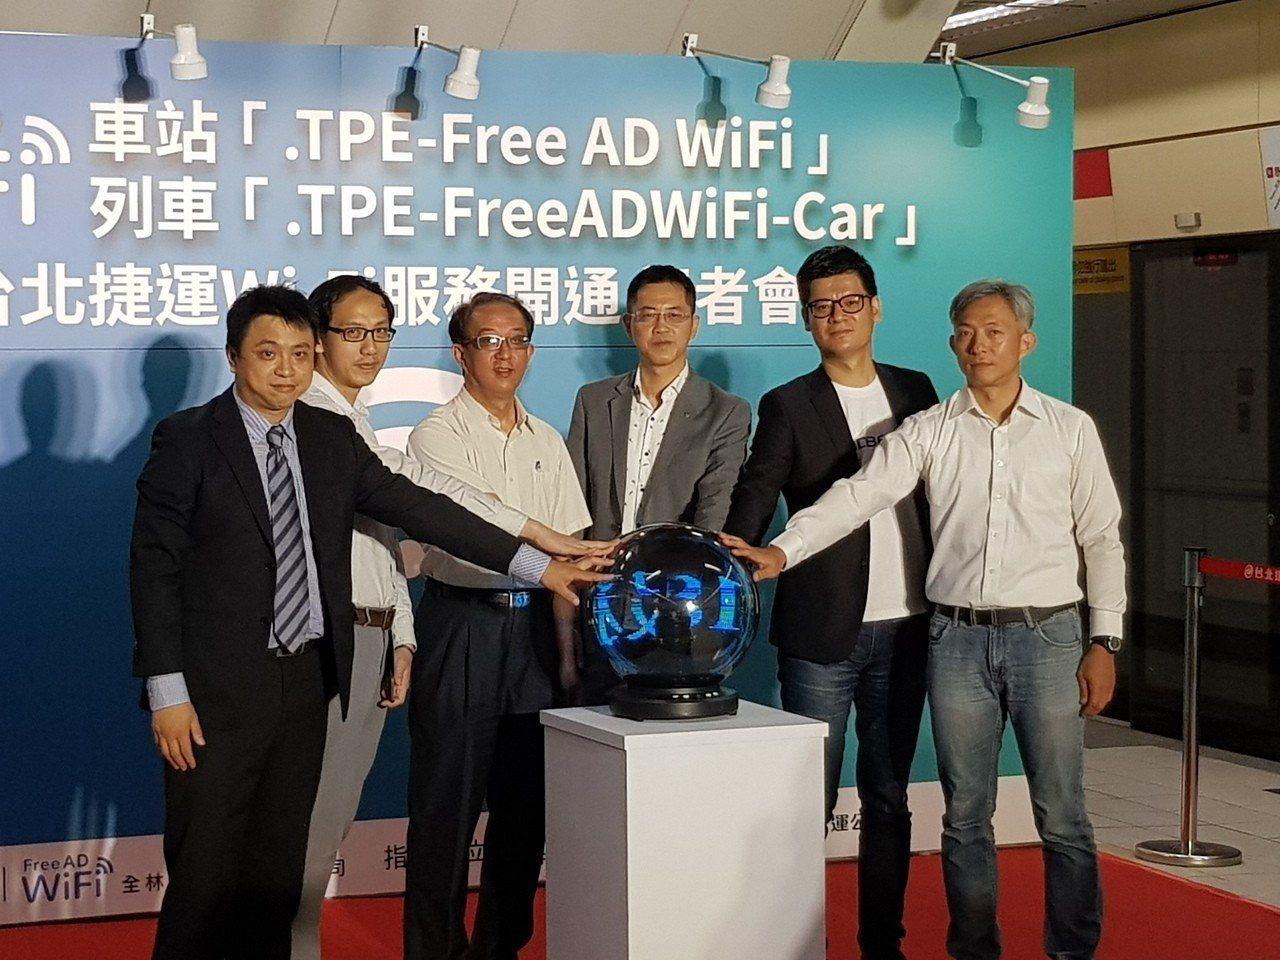 台北捷運去年8月與全林實業公司合作建置新版免費無線網路熱點「.TPE-Free ...